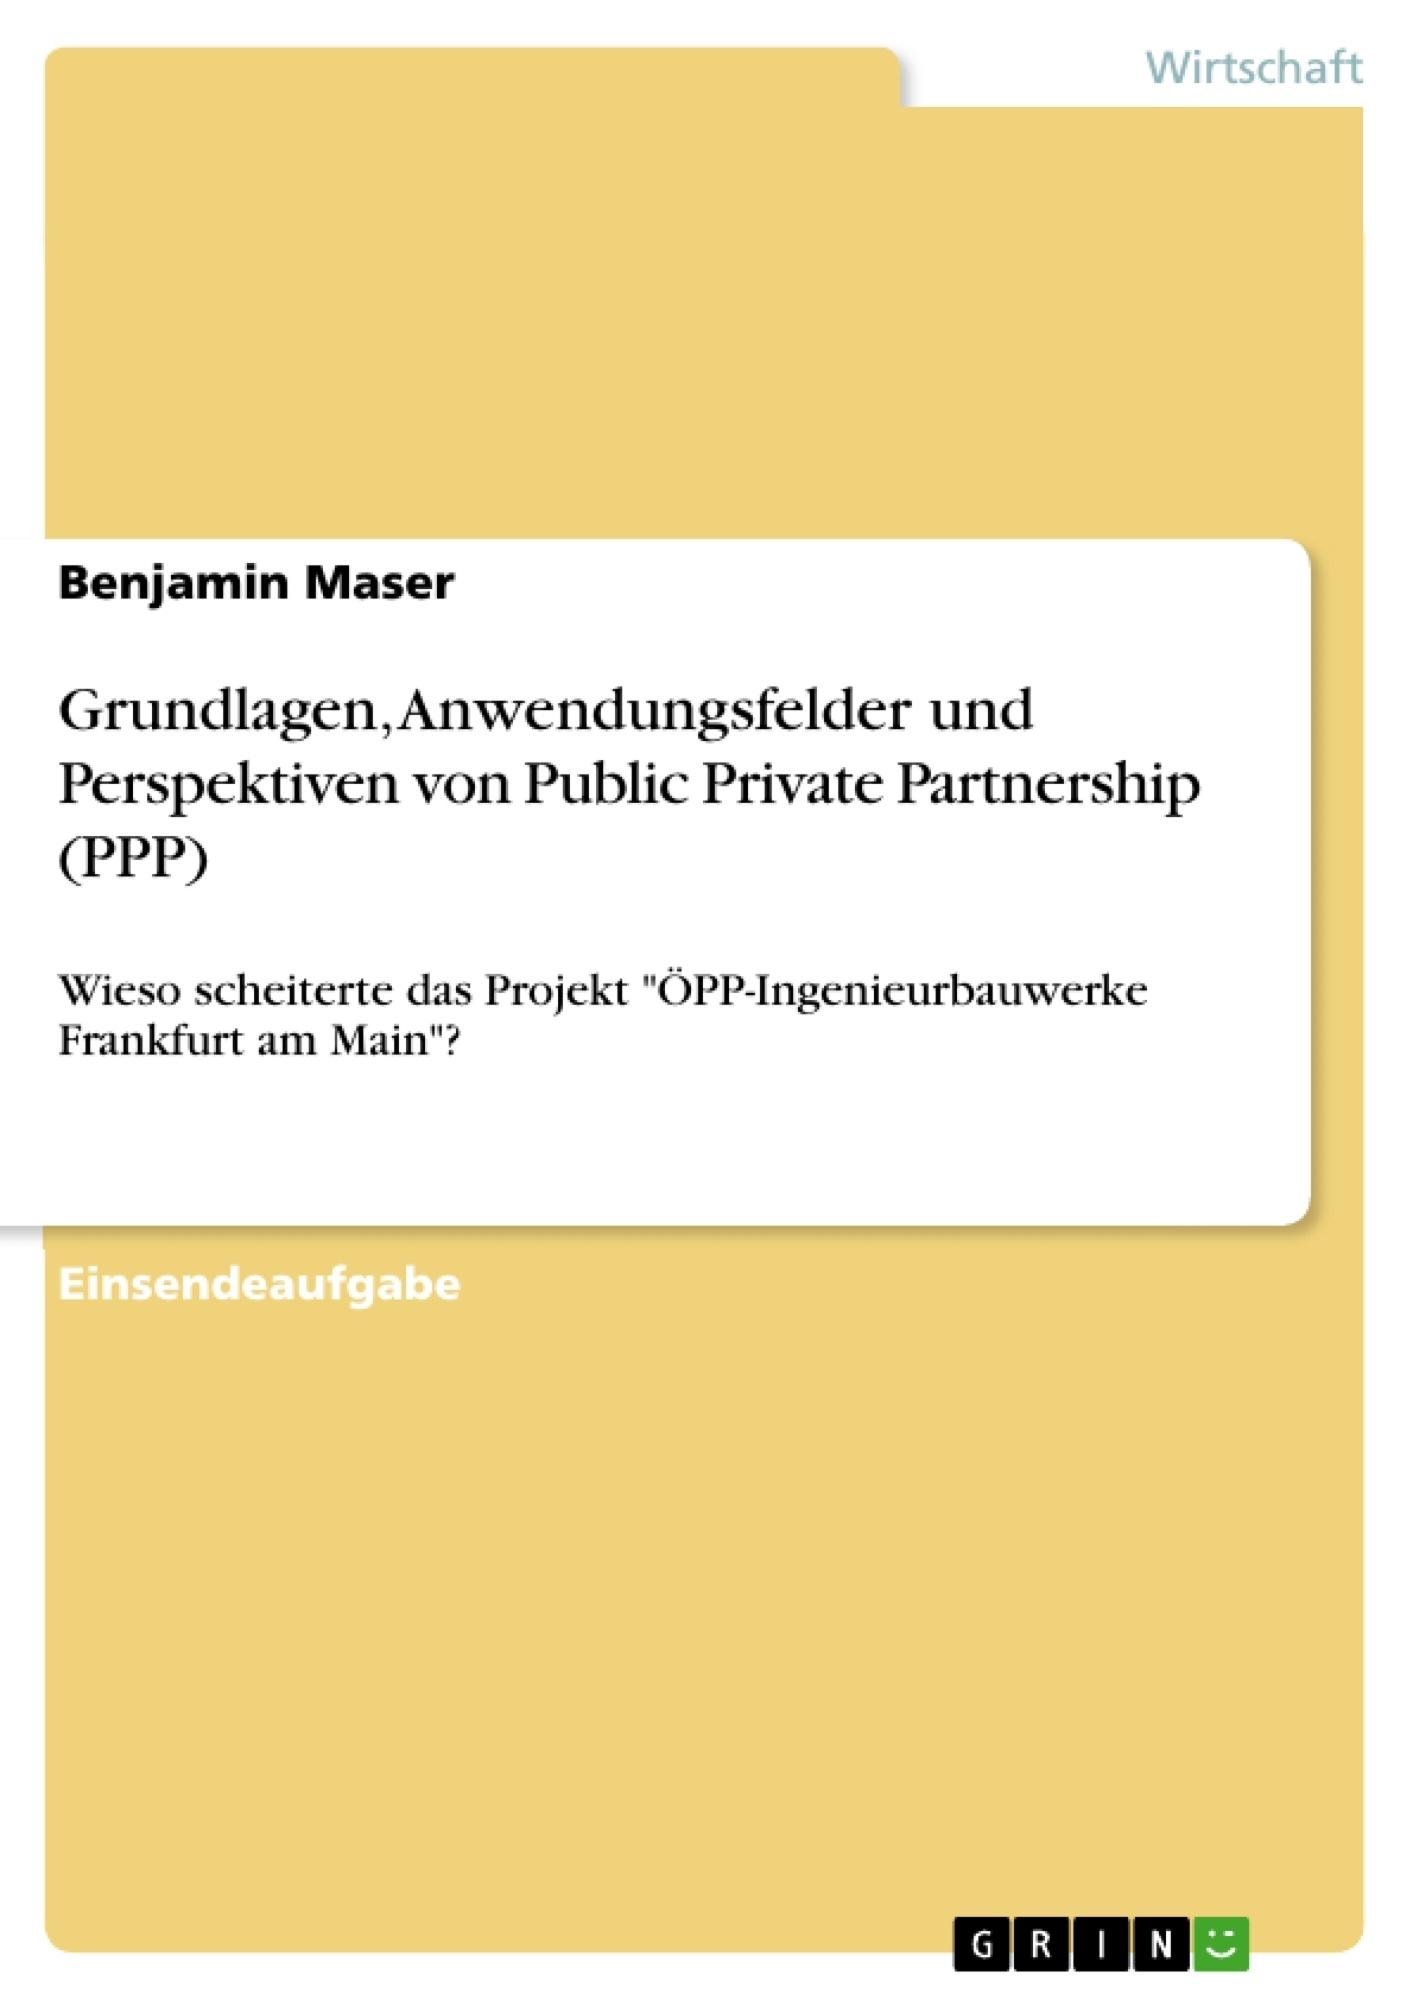 Titel: Grundlagen, Anwendungsfelder und Perspektiven von Public Private Partnership (PPP)